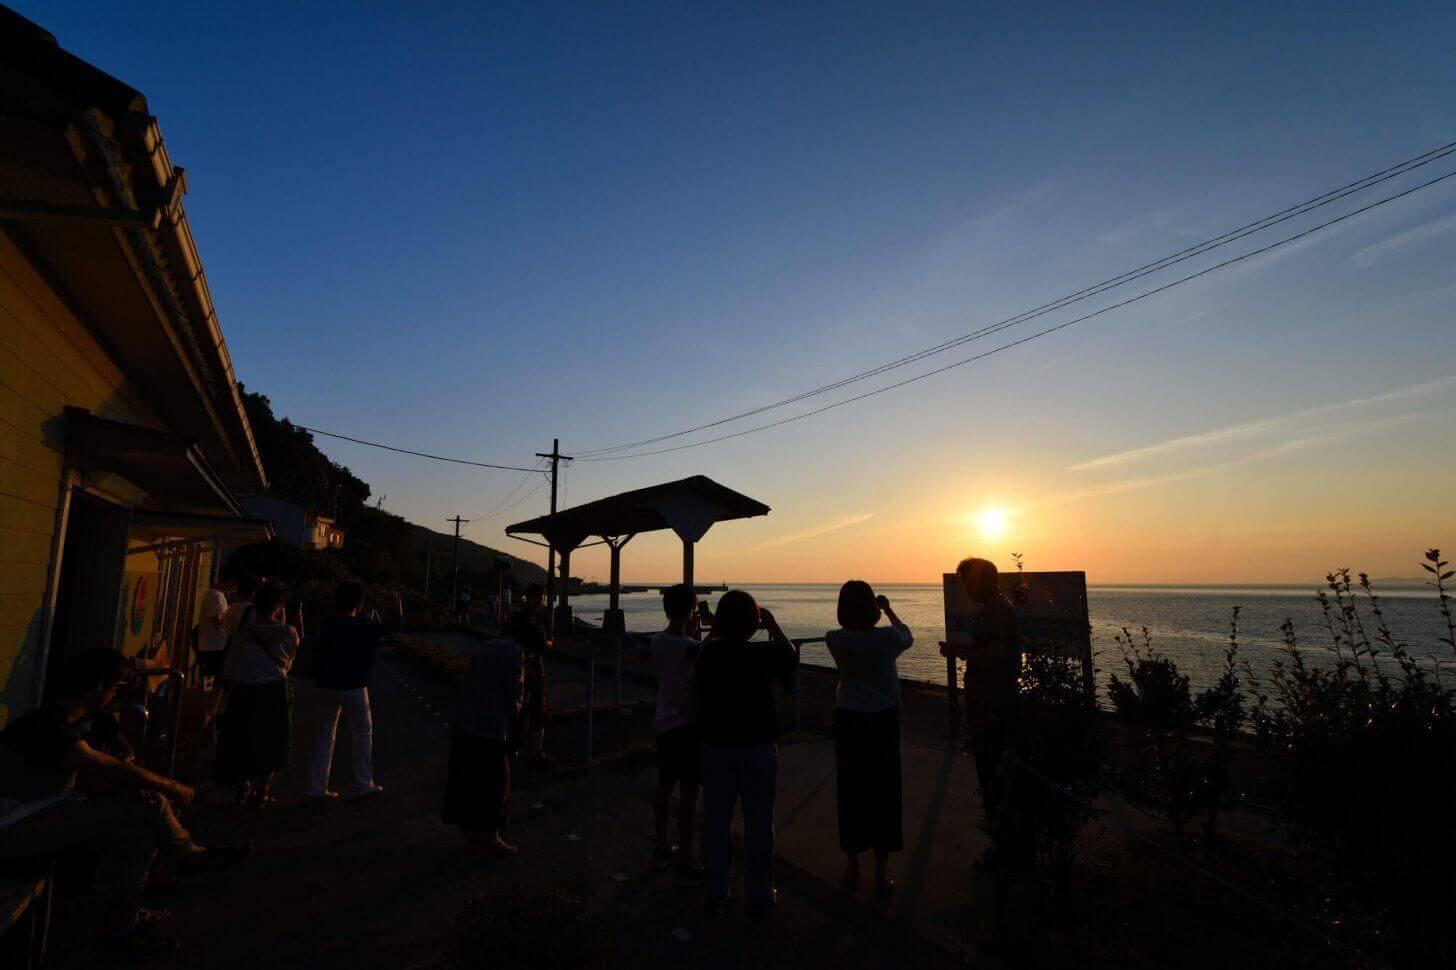 たくさんの人が見守る下灘駅の夕日